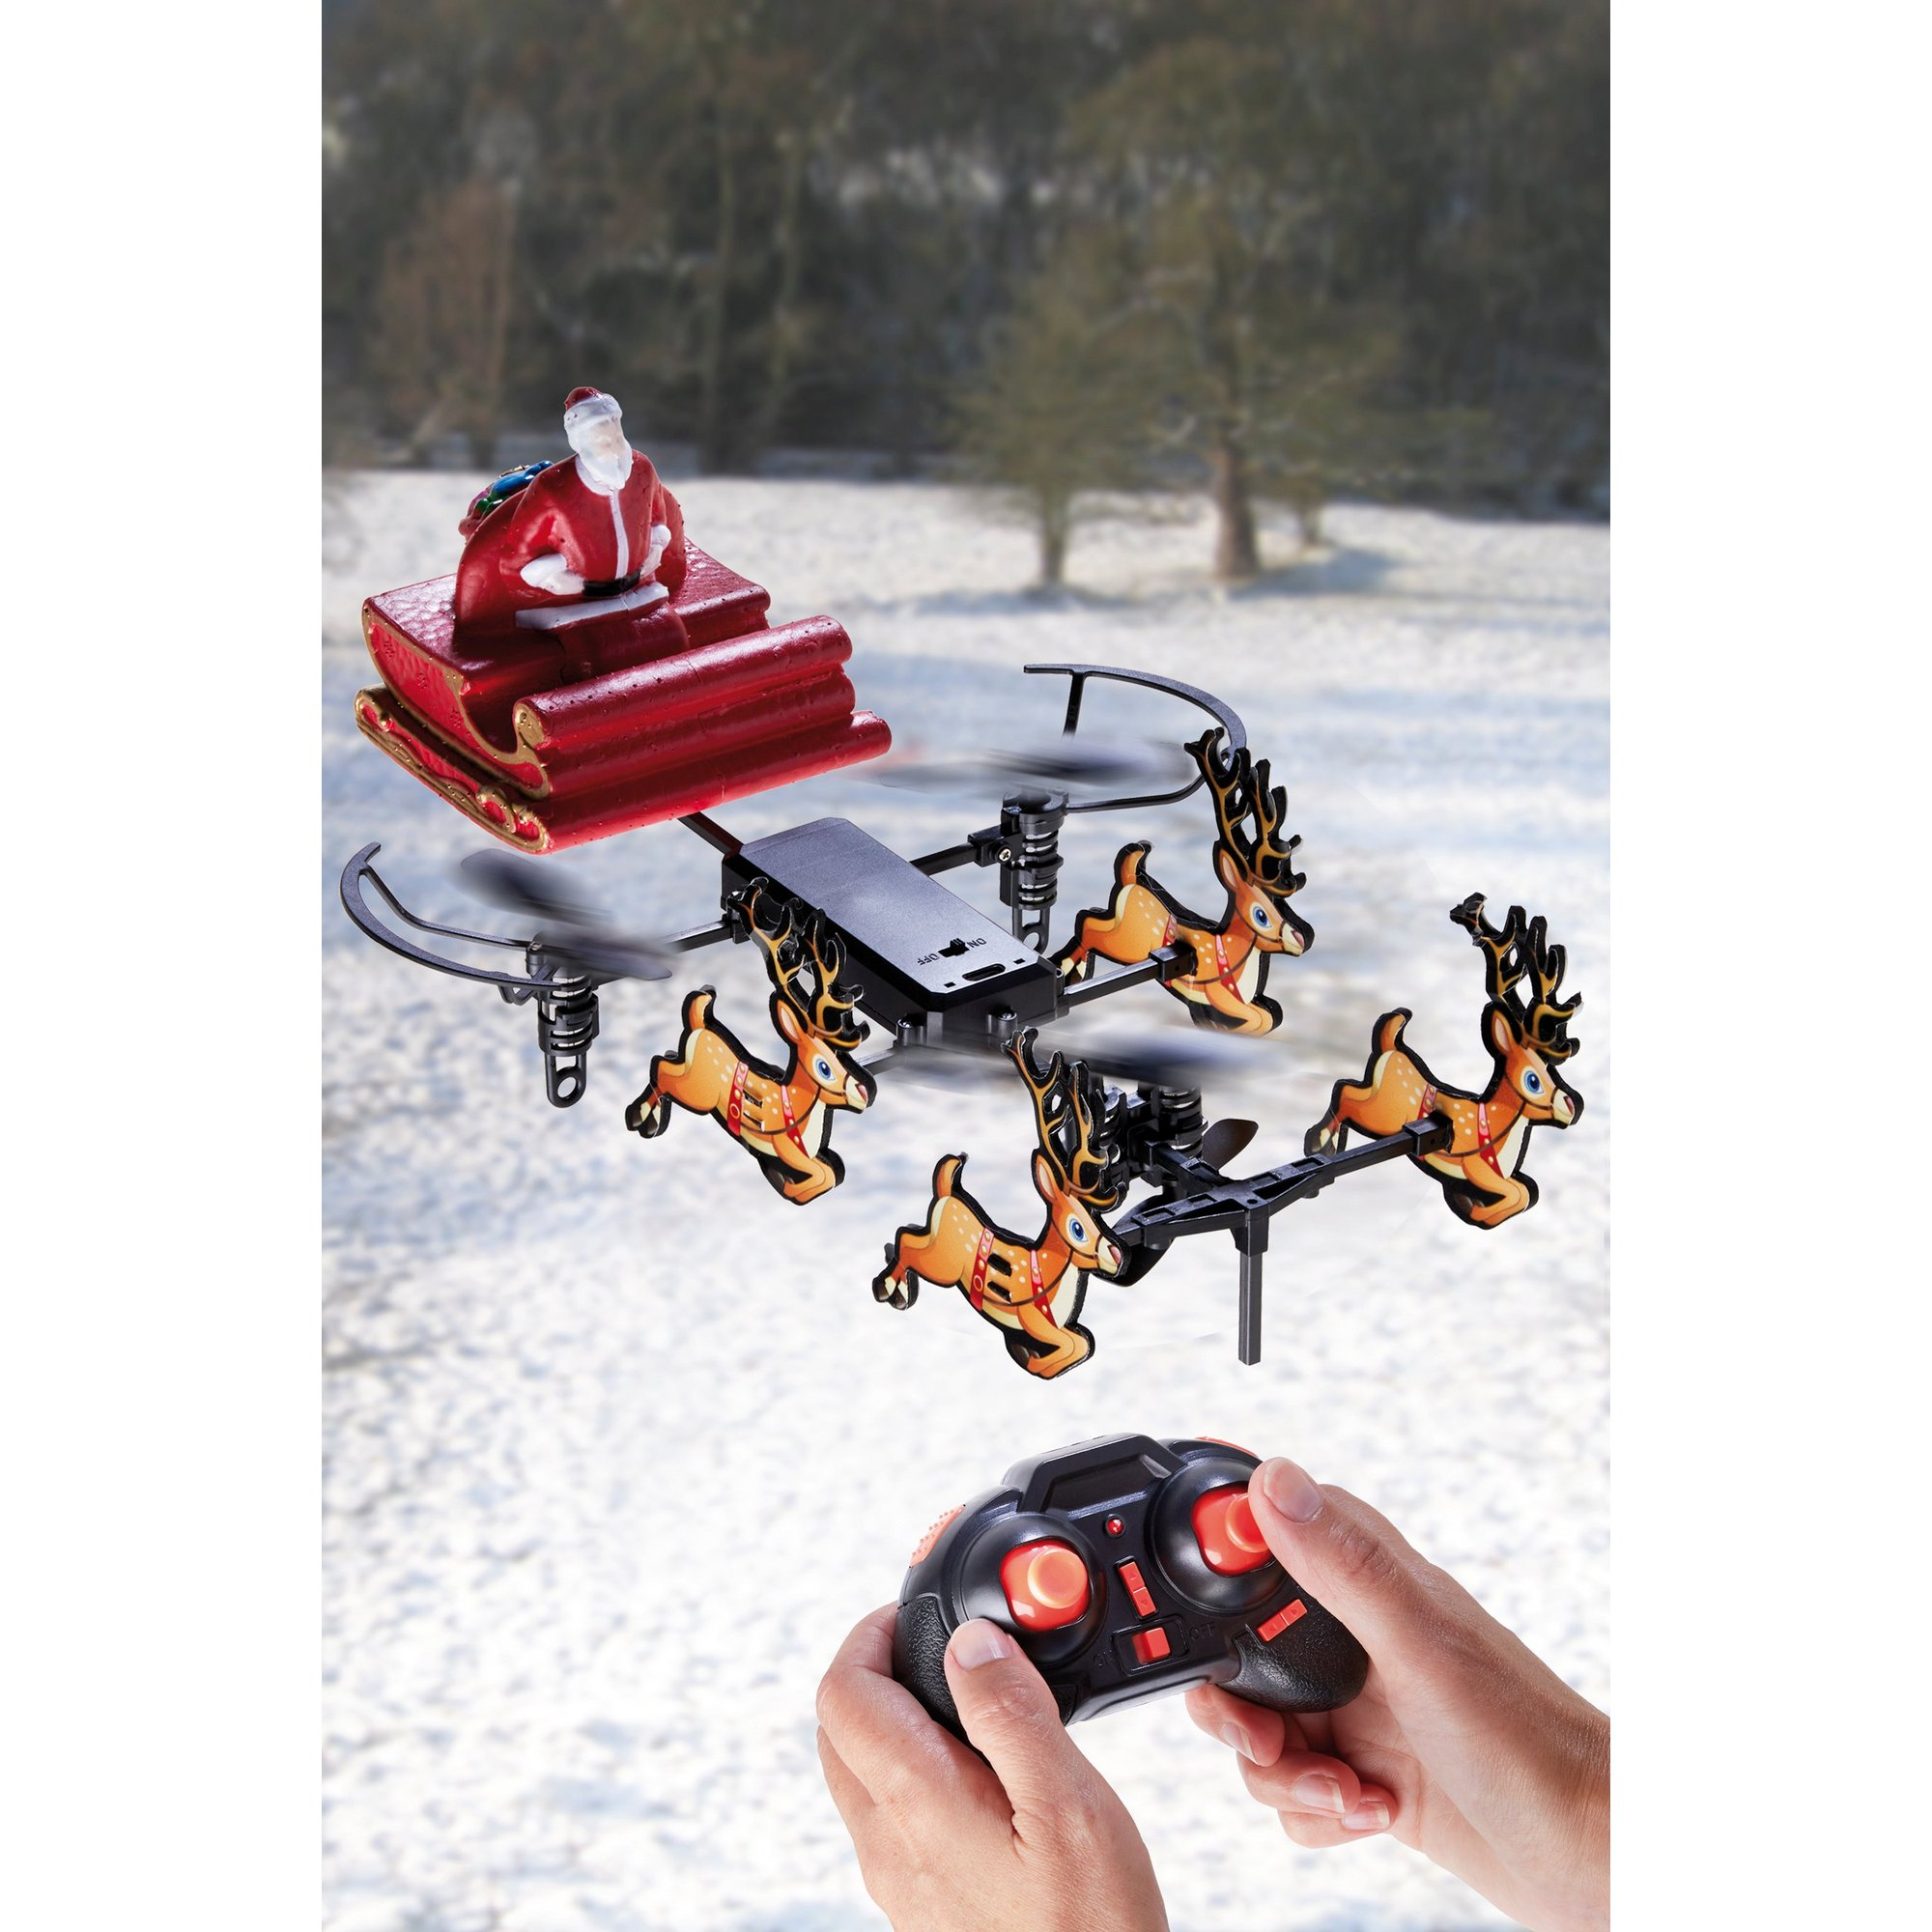 Flying Santa Sleigh Drone